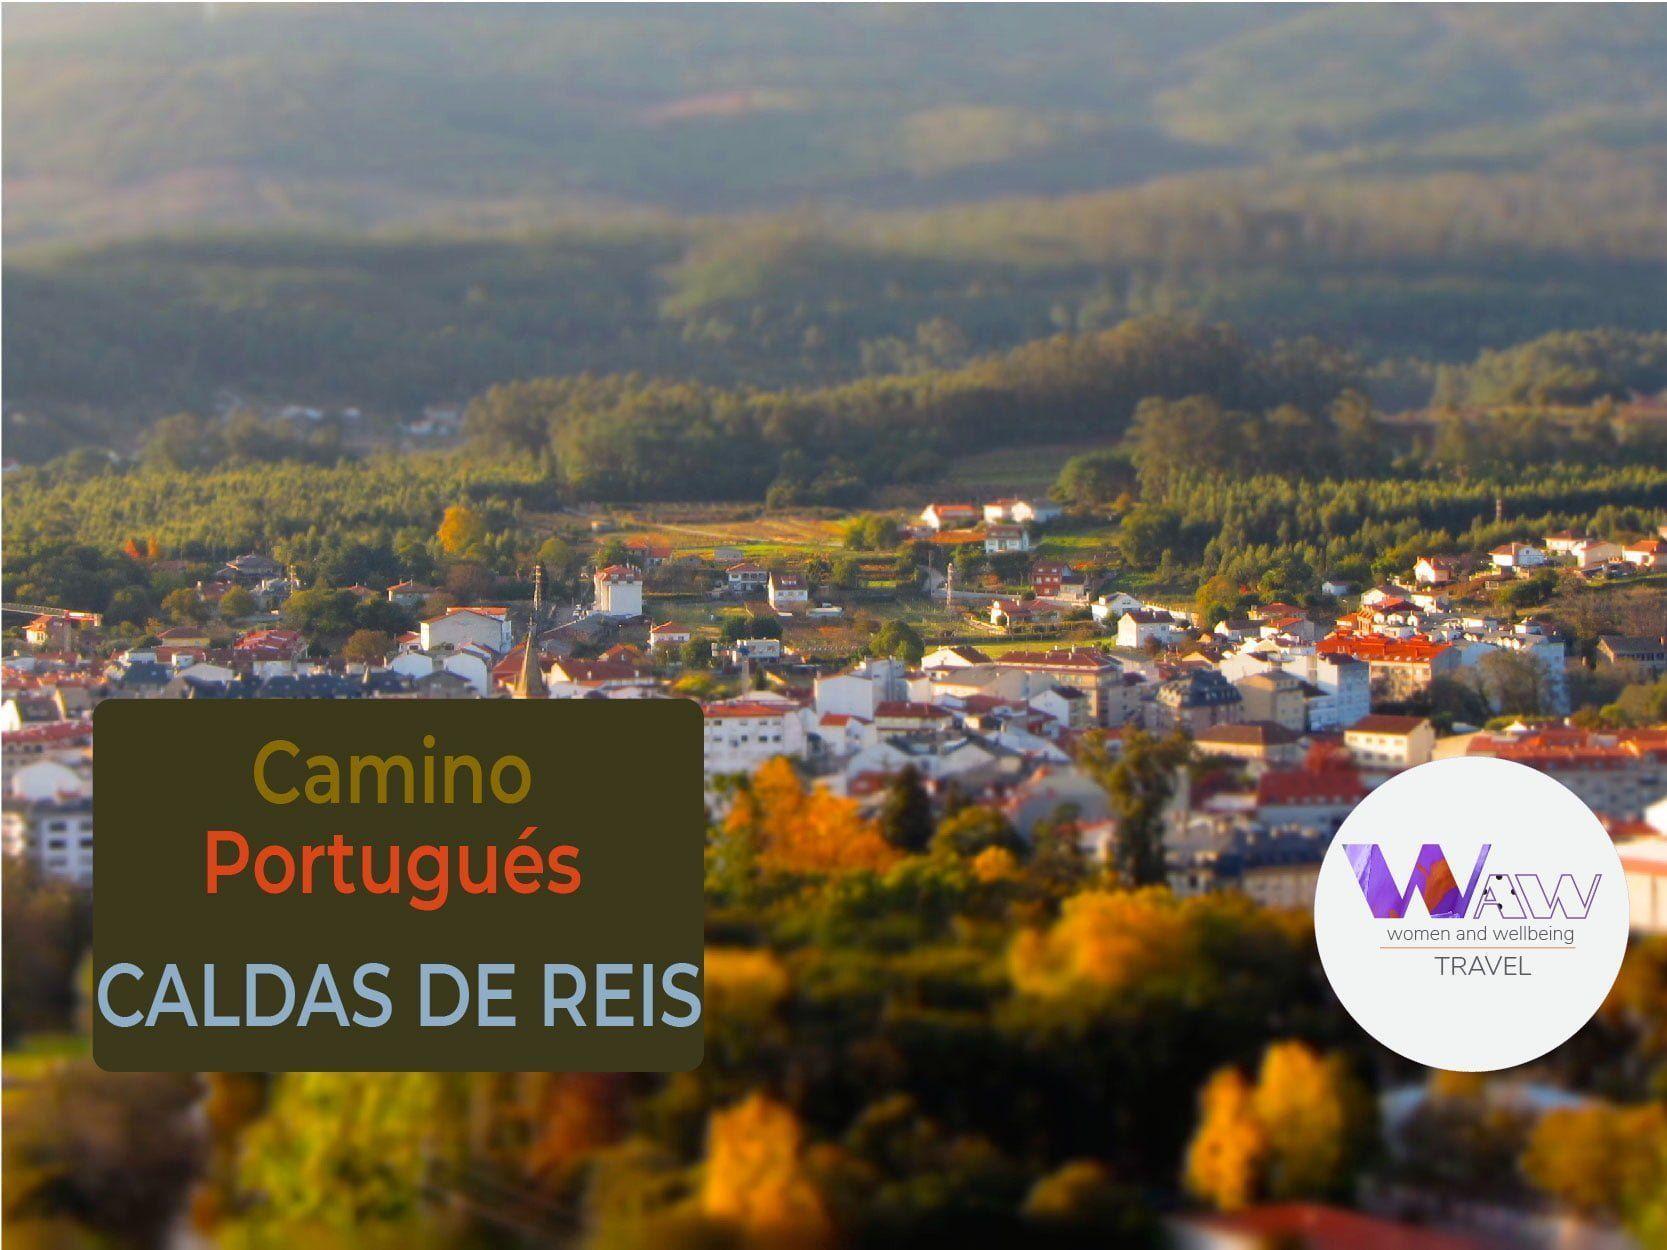 Day 5 Stage Pontevedra - Caldas de Reis 22 km